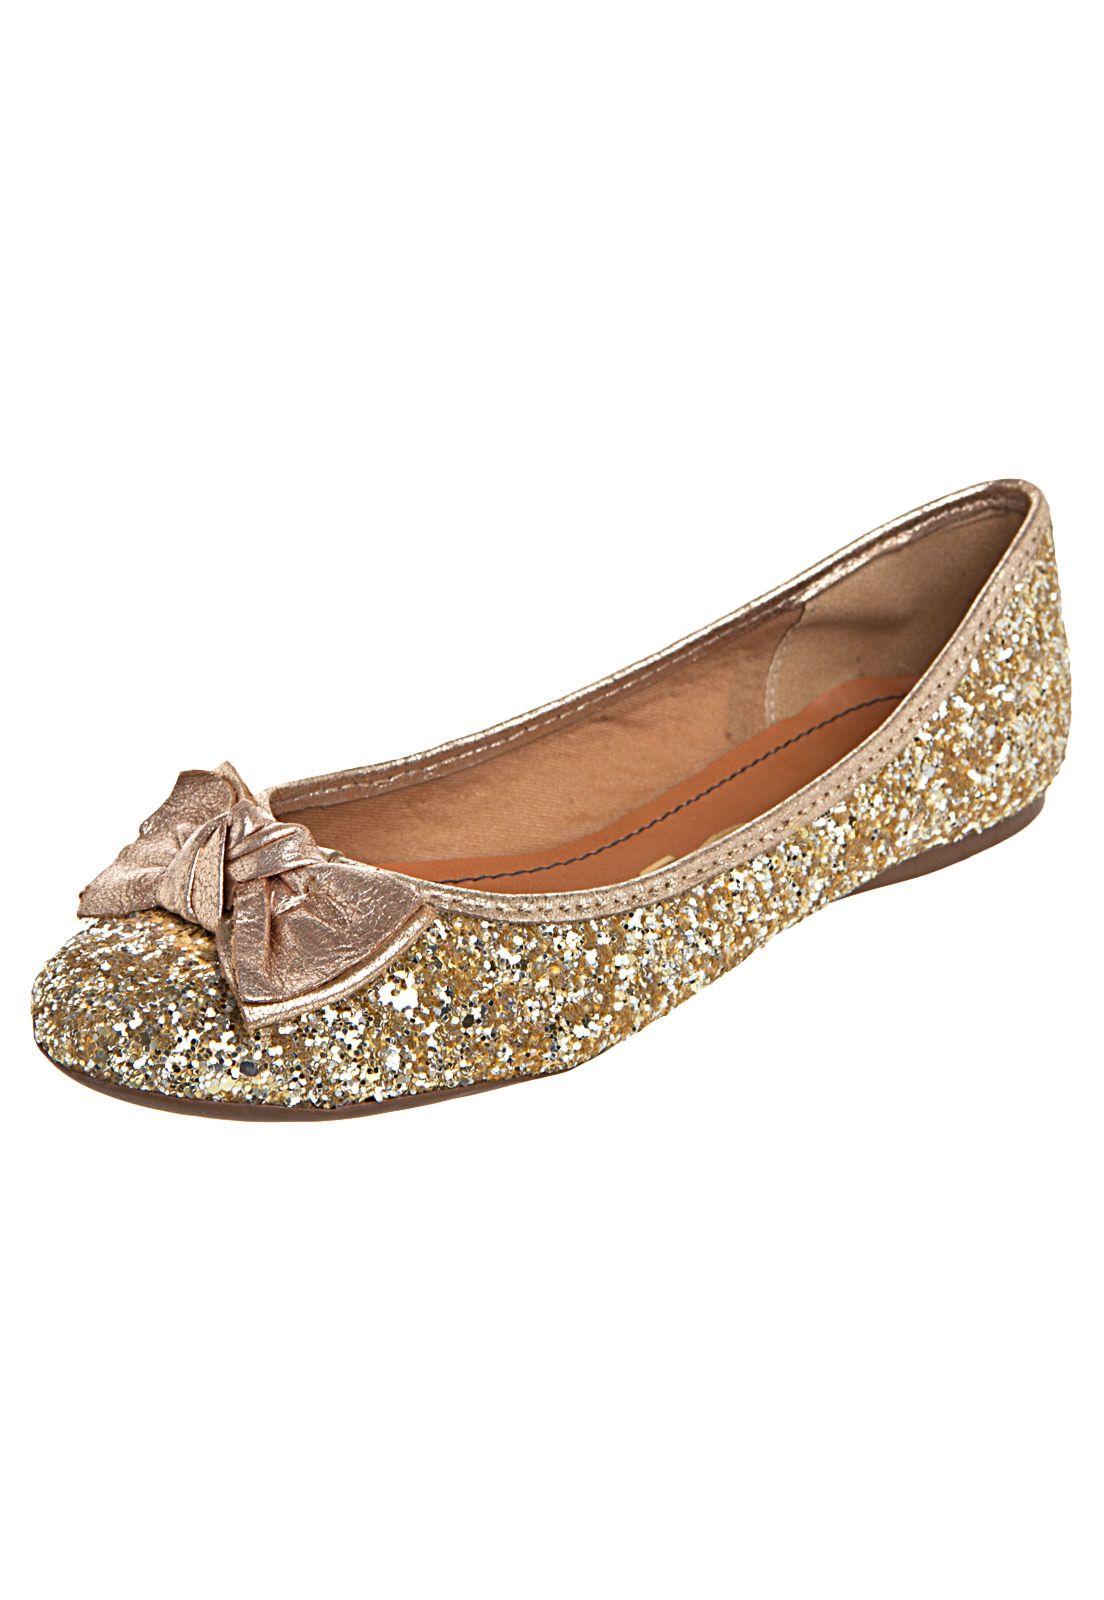 b089bcbc65 Sapatilha Santa Lolla Tecido Diamante Dourado - Compre Agora ...